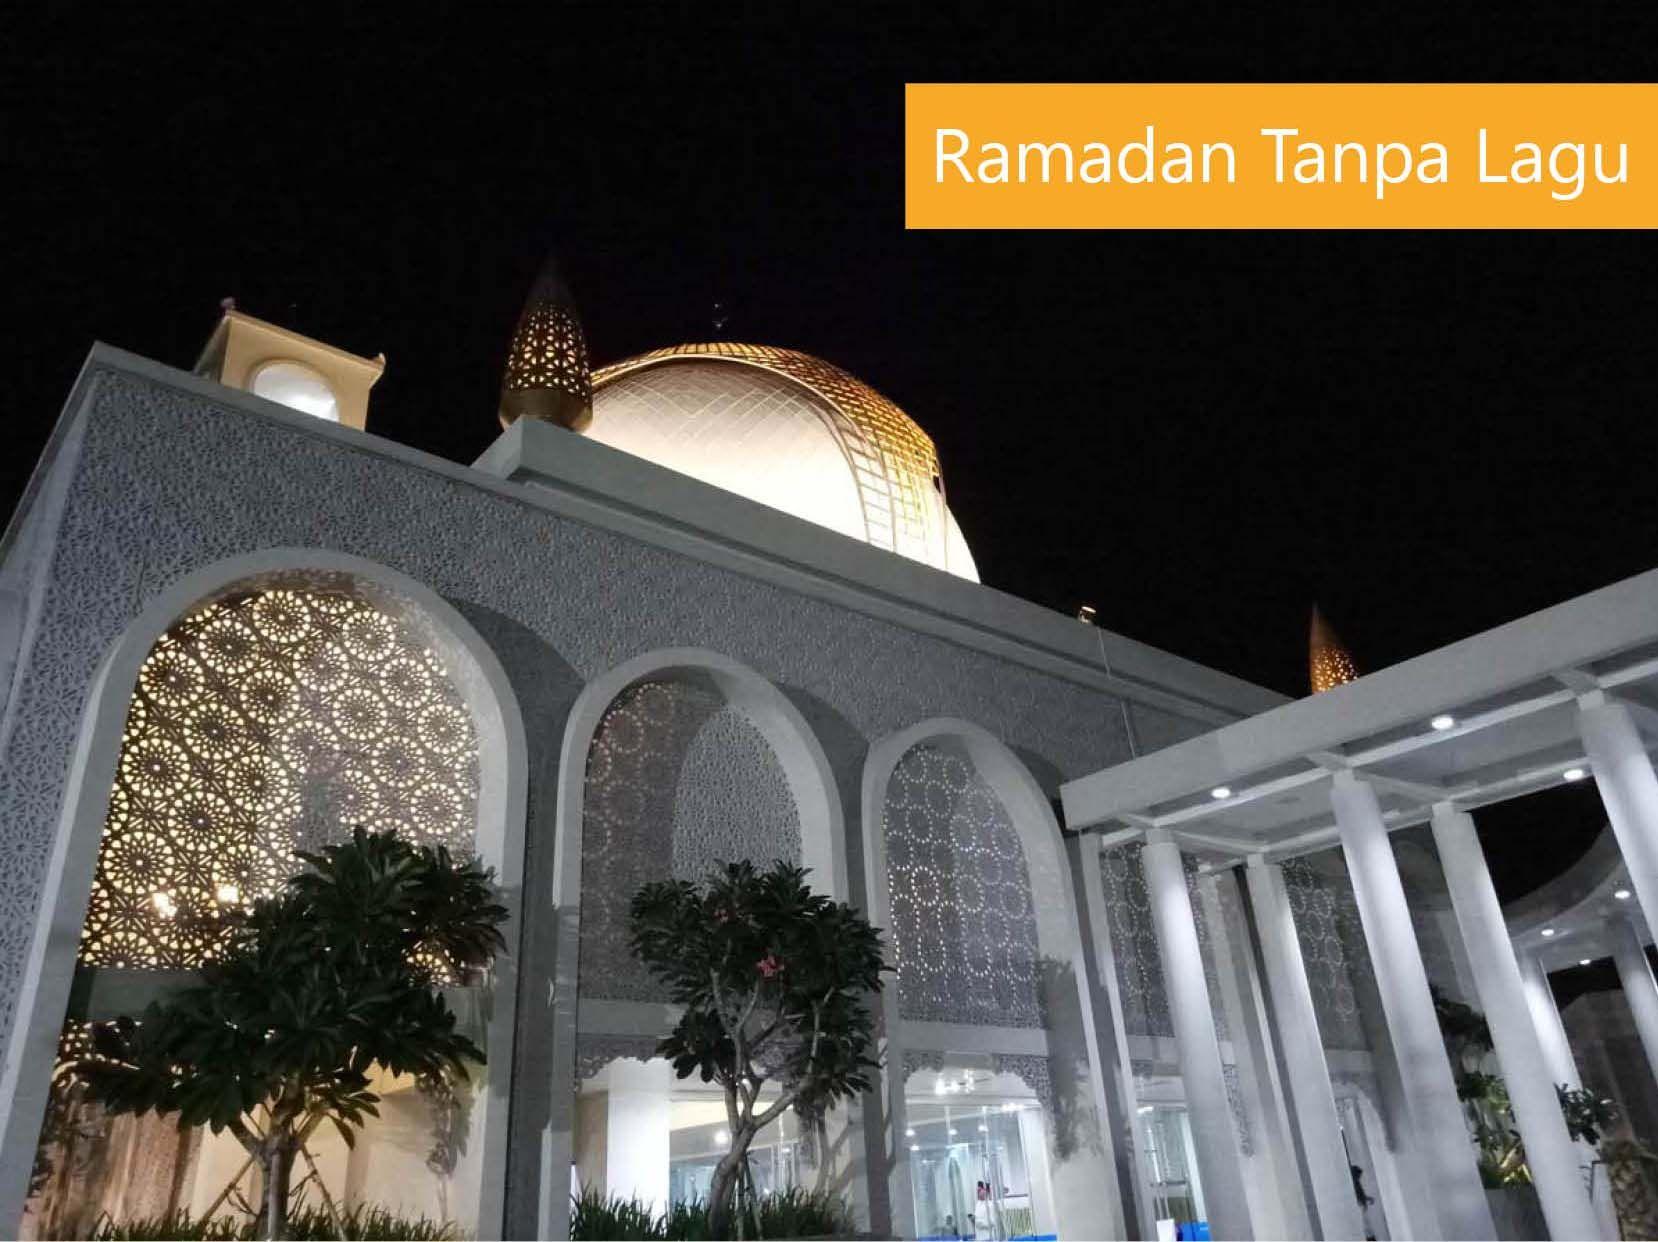 Ramadan Tanpa Lagu